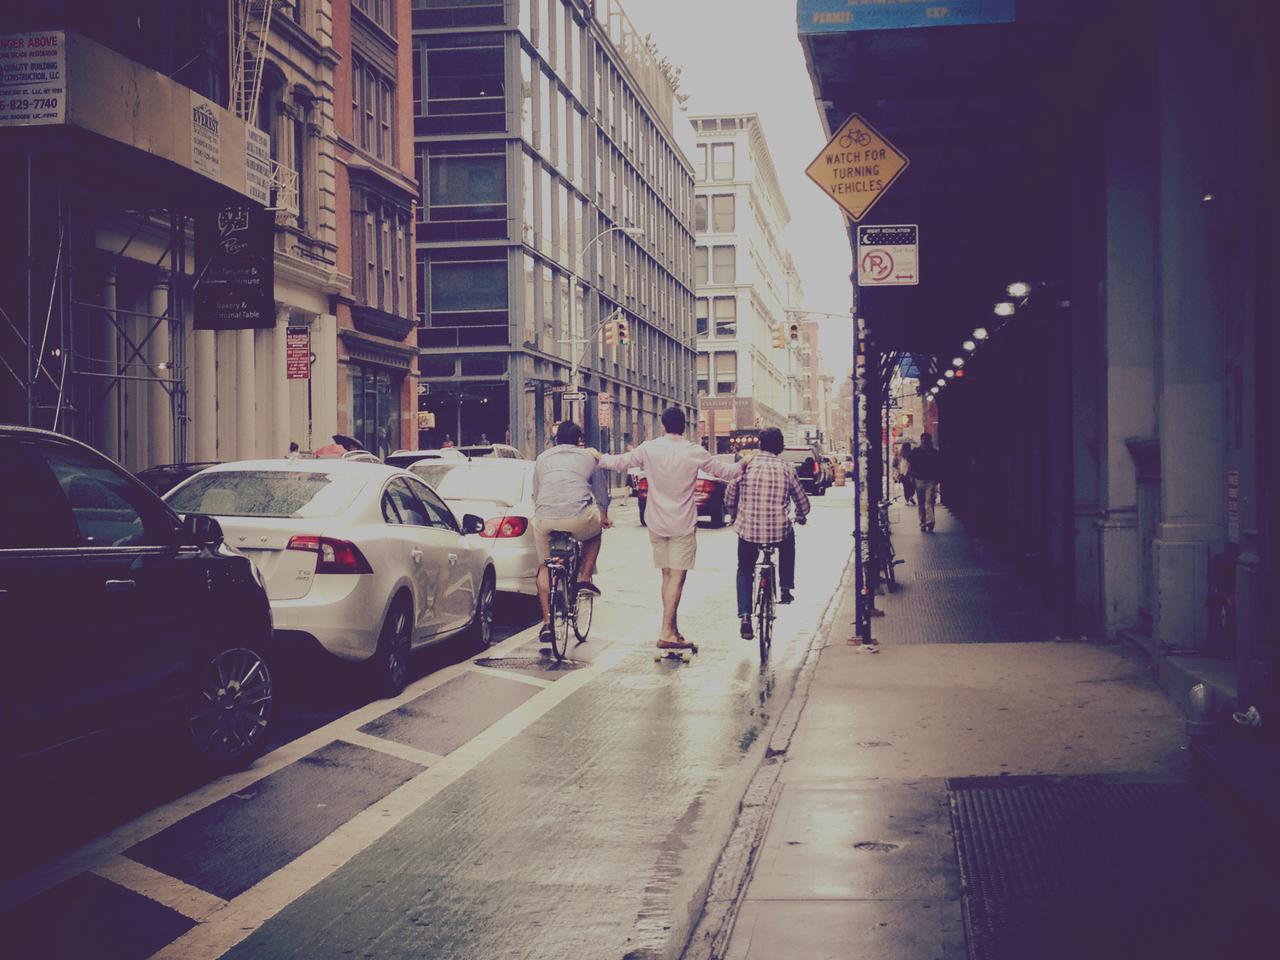 Riding Partners #pepper #skate #bike #soho #friends #sunday #street